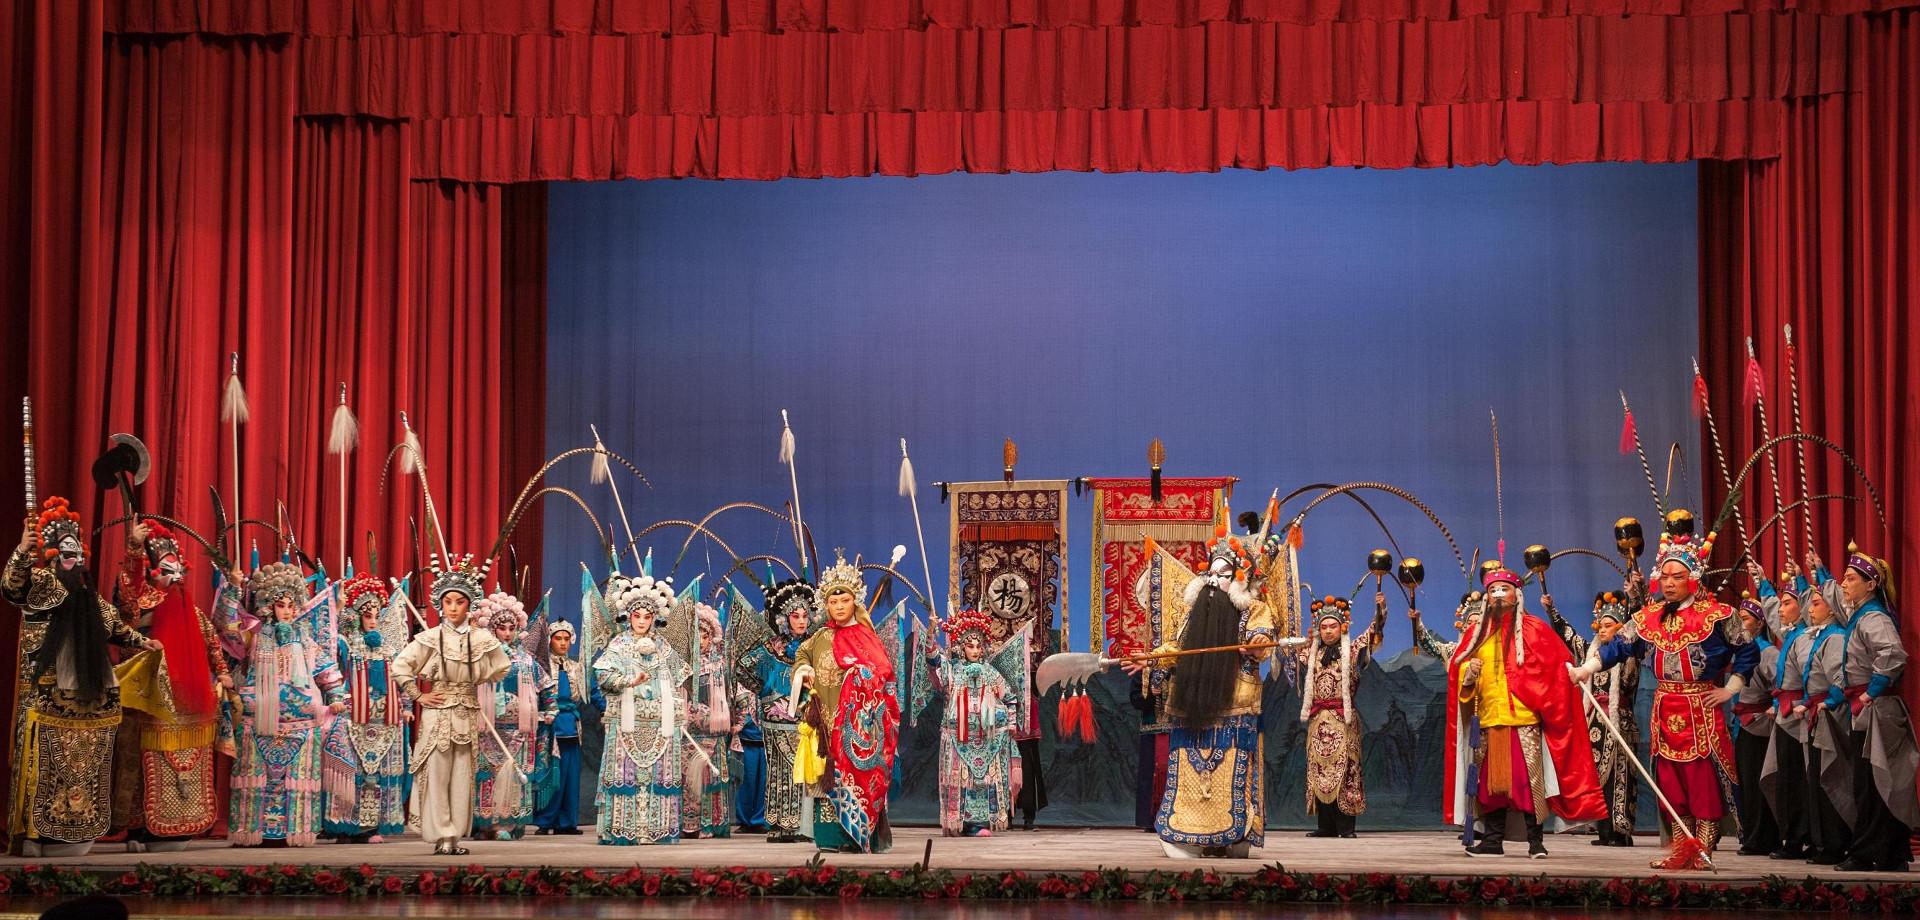 Η Εθνική Όπερα του Πεκίνου για πρώτη φορά στην Ελλάδα